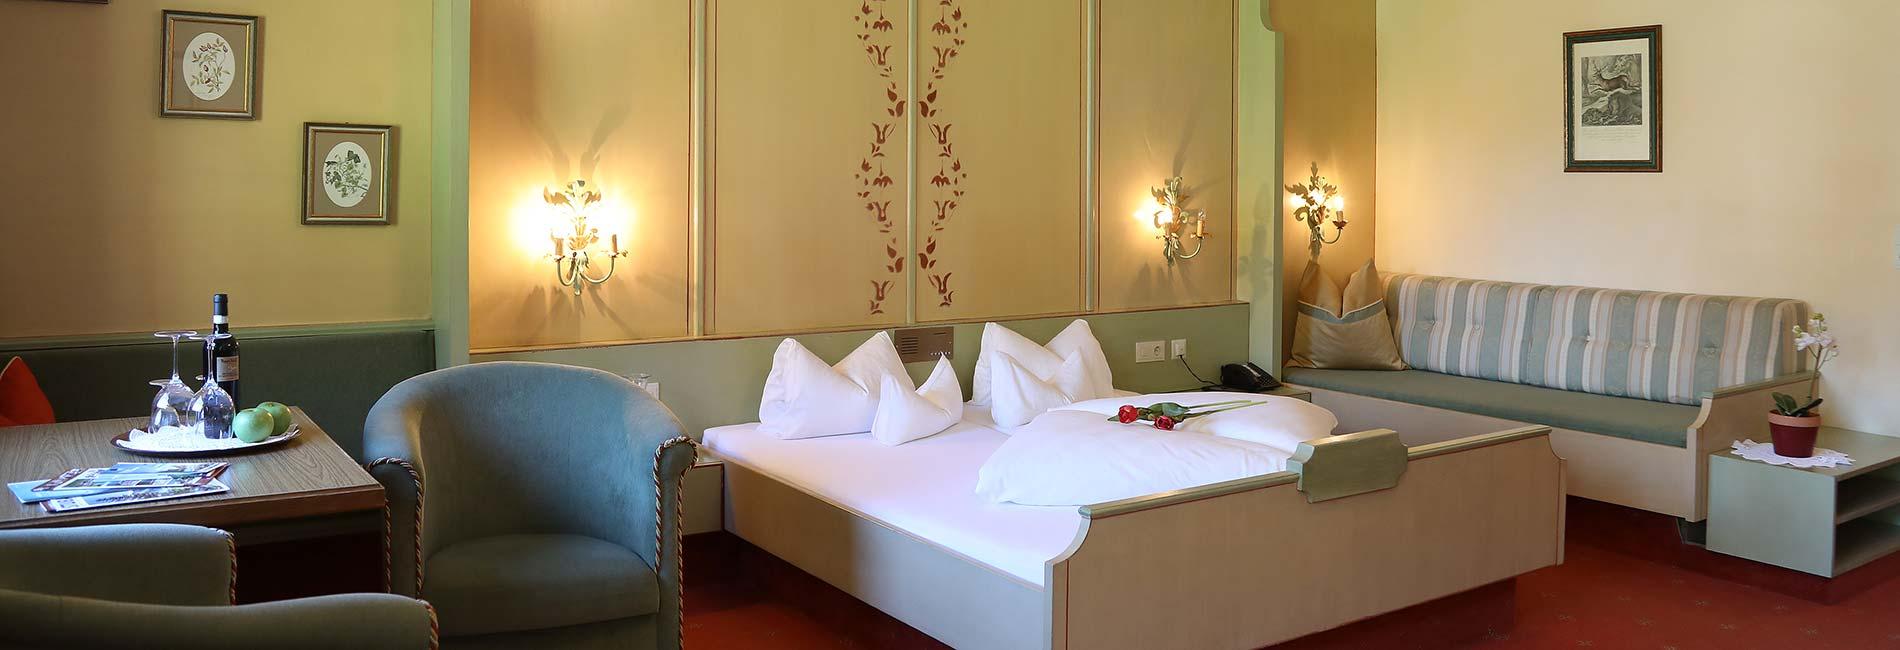 Zimmer Ferienwohnungen Appartements Hotel Almhof Pension Almrausch Urlaub im 4 Sterne Hotel in Neustift Milders Stubai Tirol